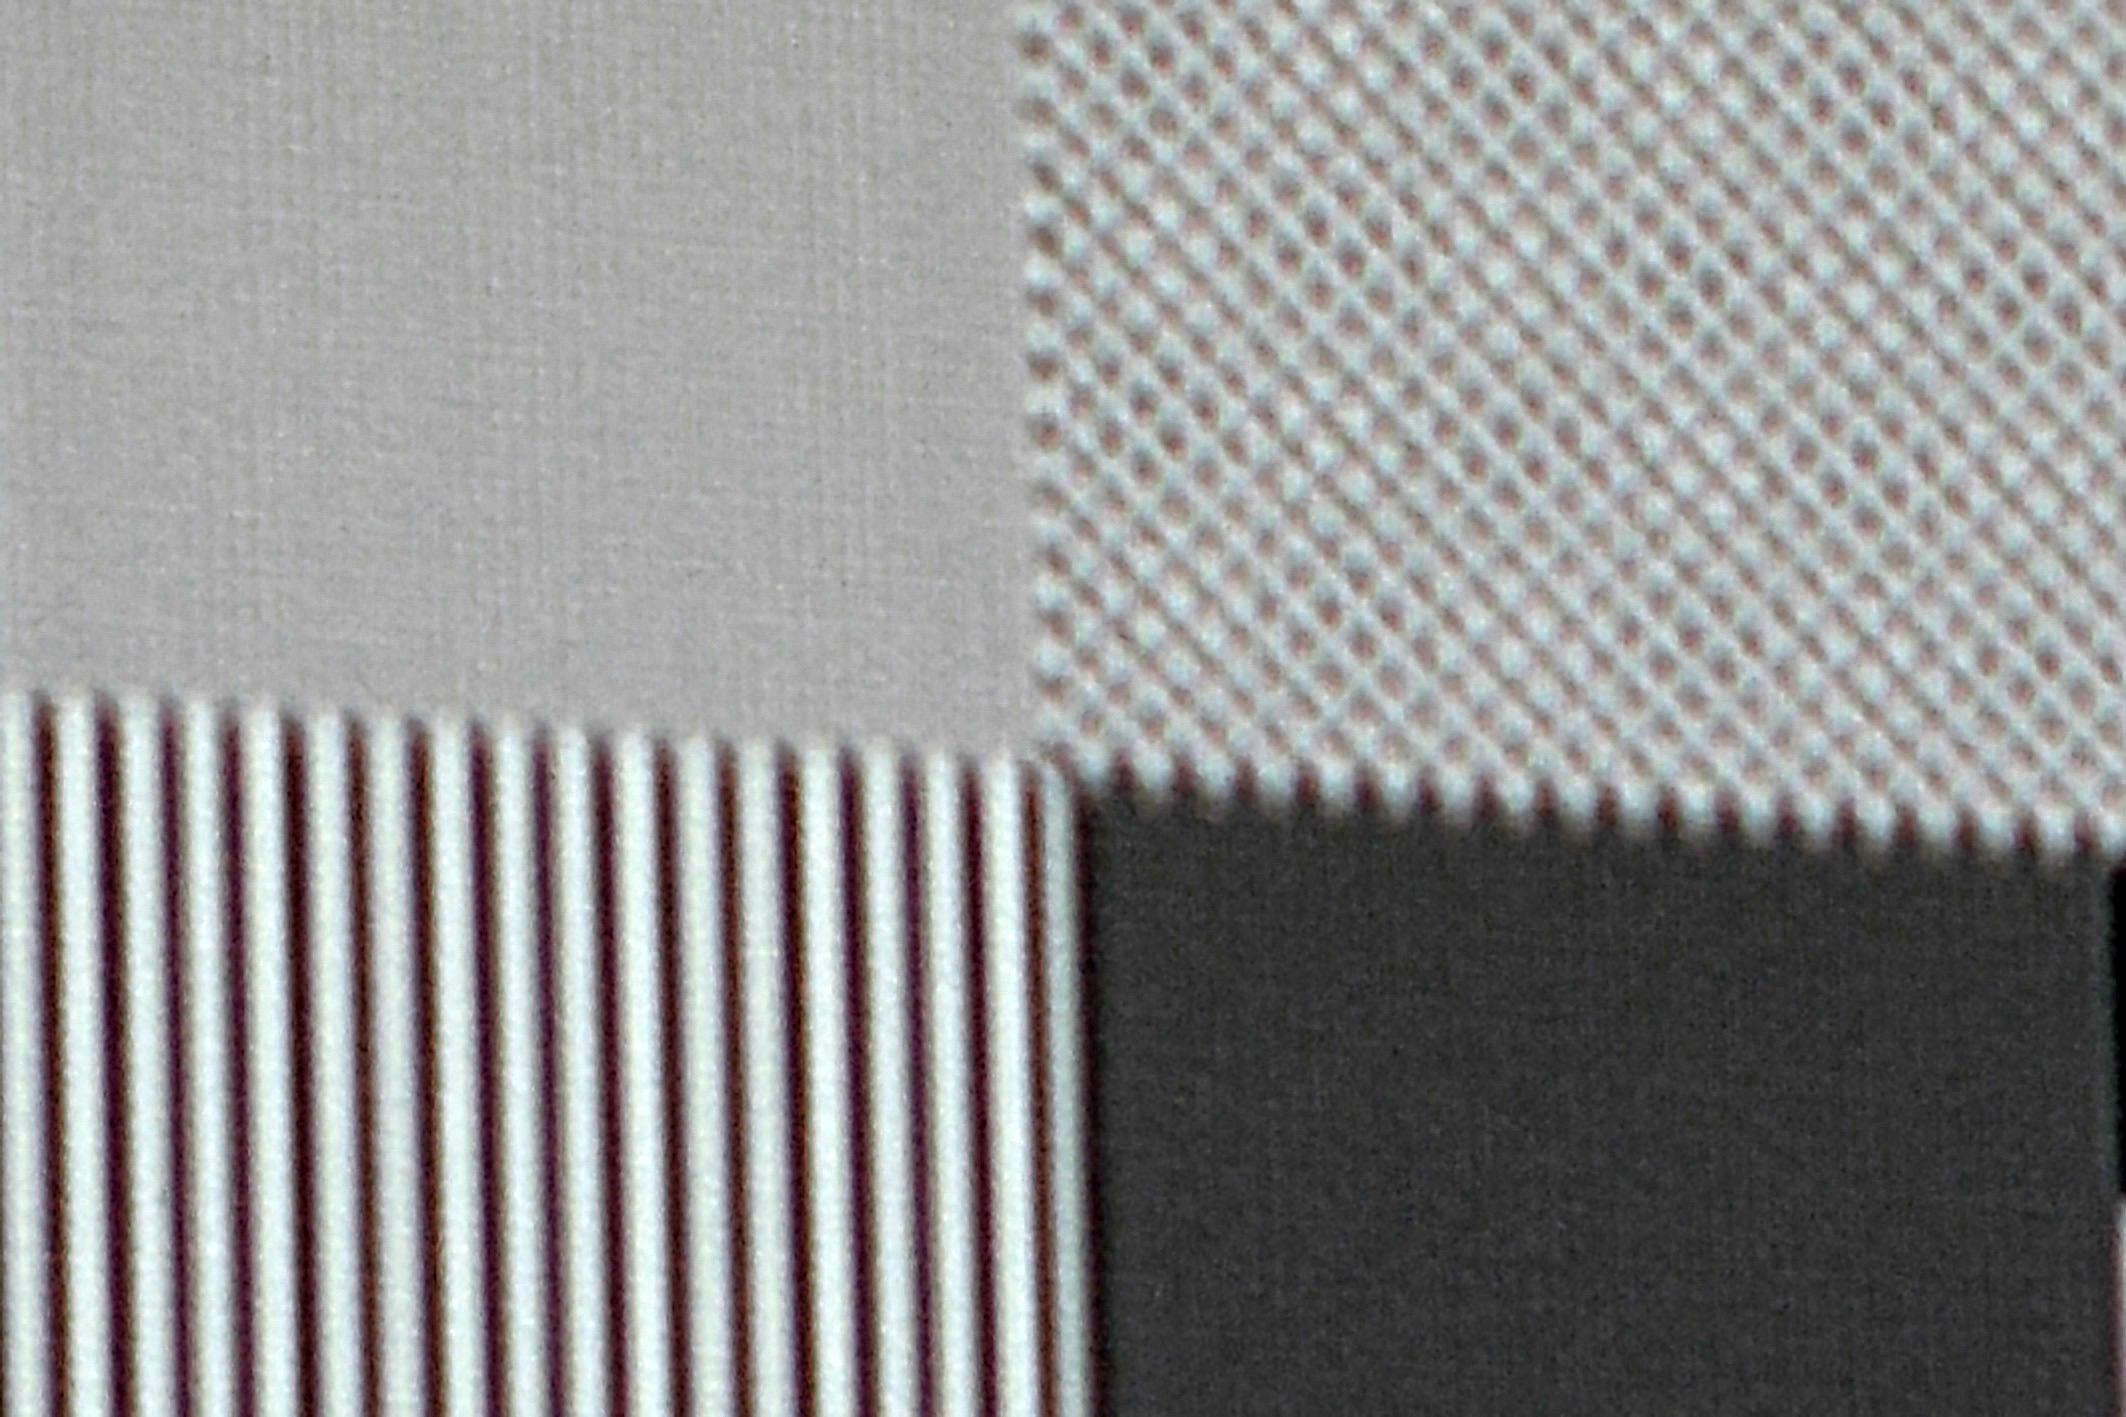 """4K-Pixelauflösung: Als nächstes wird ein Schachbrett-Testbild mit einer Auflösung von 3840 x 2160 Pixel zugespielt. Oben links ist jeder einzelne Pixel klar und deutlich abgegrenzt. Allerdings erscheint die gesamte Fläche hellgrau eingefärbt, weil sich durch die Shift-Funktion die schwarzen und weißen Pixel überlagern. Die Folge ist die """"Mischfarbe"""" Grau. Rechts daneben ist das Schachbrettmuster mit Full-HD-Auflösung zu sehen. Auch hier werden einzelne Pixel des Schachbrettmusters nicht ordentlich dargestellt. Die Ursache liegt hier ebenfalls in der XPR-Shift-Technik begründet und der """"krummen"""" Anzahl der Pixel auf dem DMD. Das Quellsignal lässt sich von 1920 x 1080 Pixel halt nicht gleichmäßig ohne zu """"interpolieren"""" auf die 2716 x 1528 Pixel hochskalieren."""